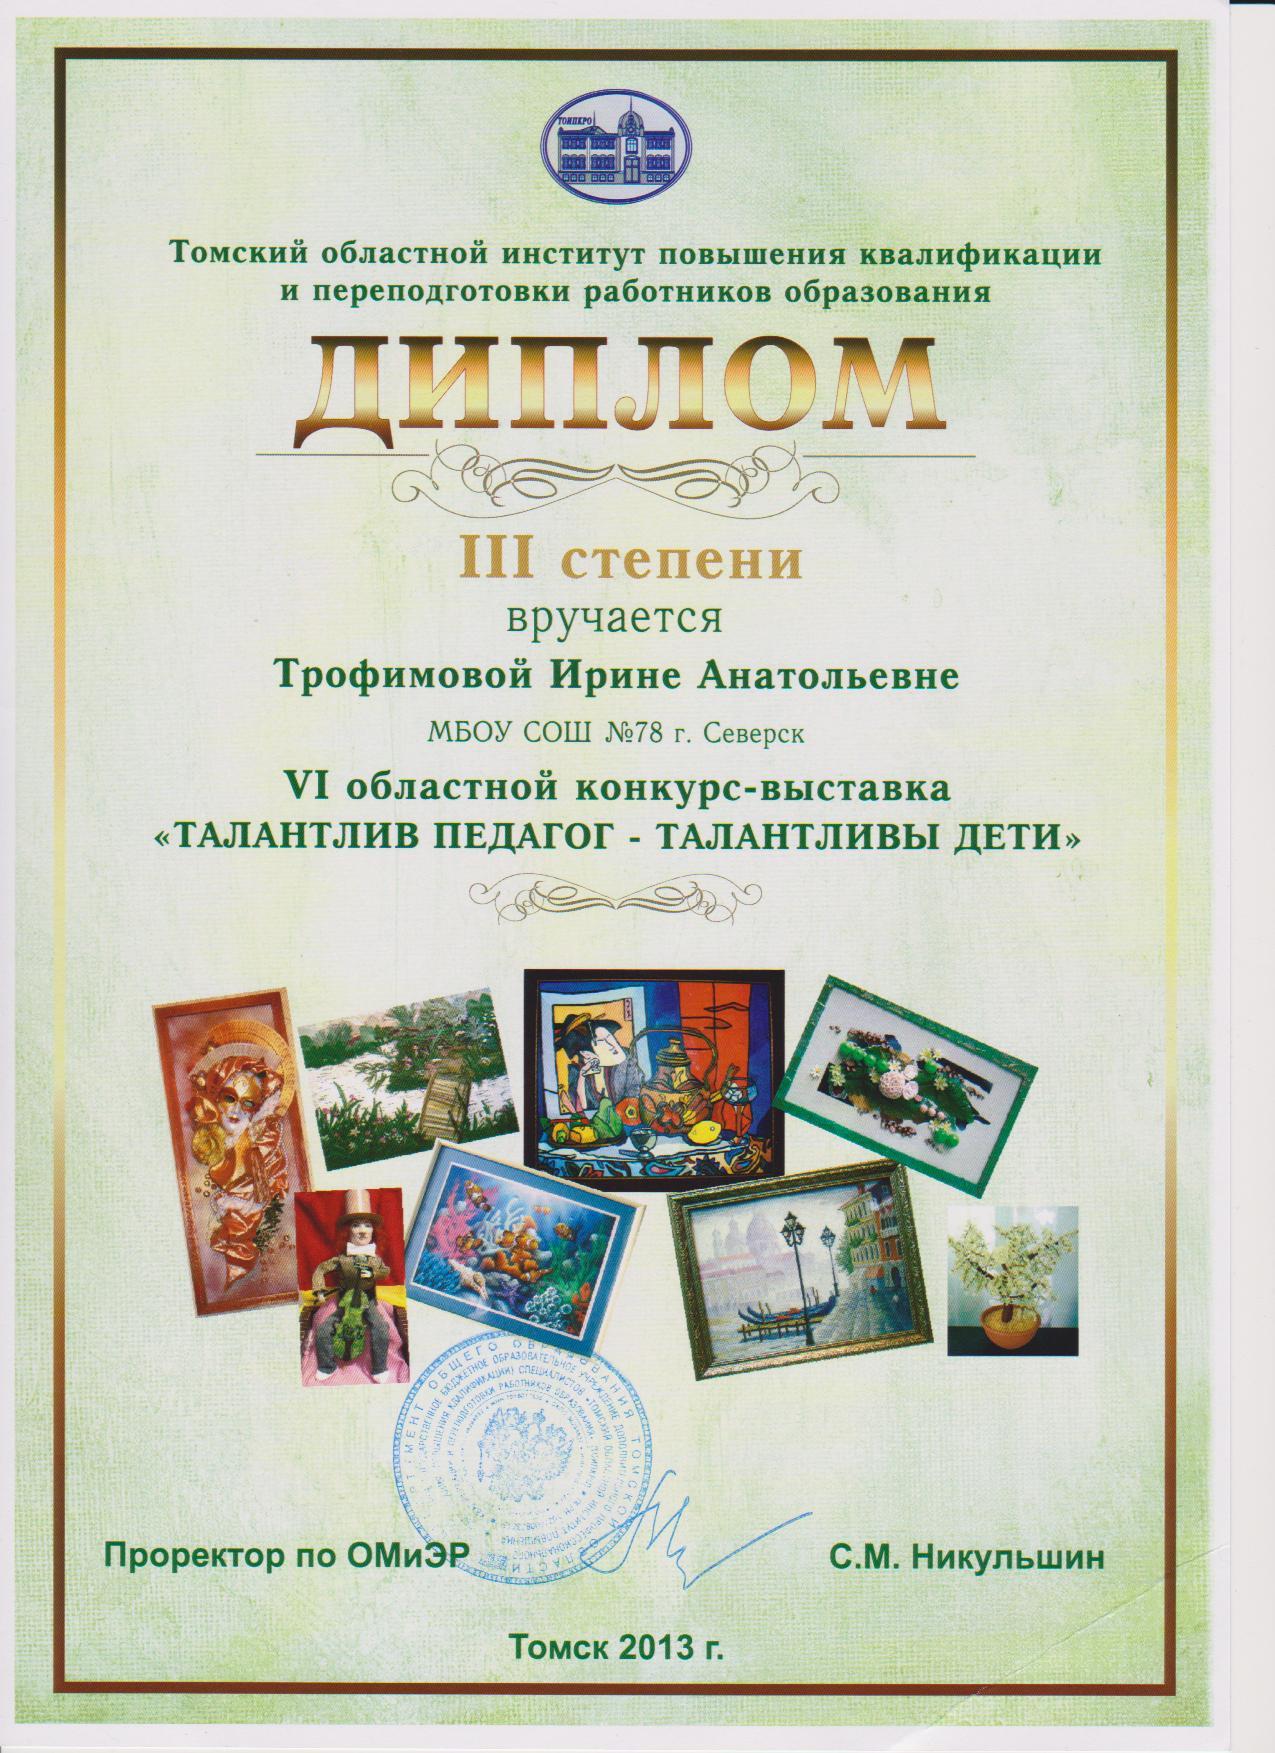 Всероссийский конкурс им сухомлинского